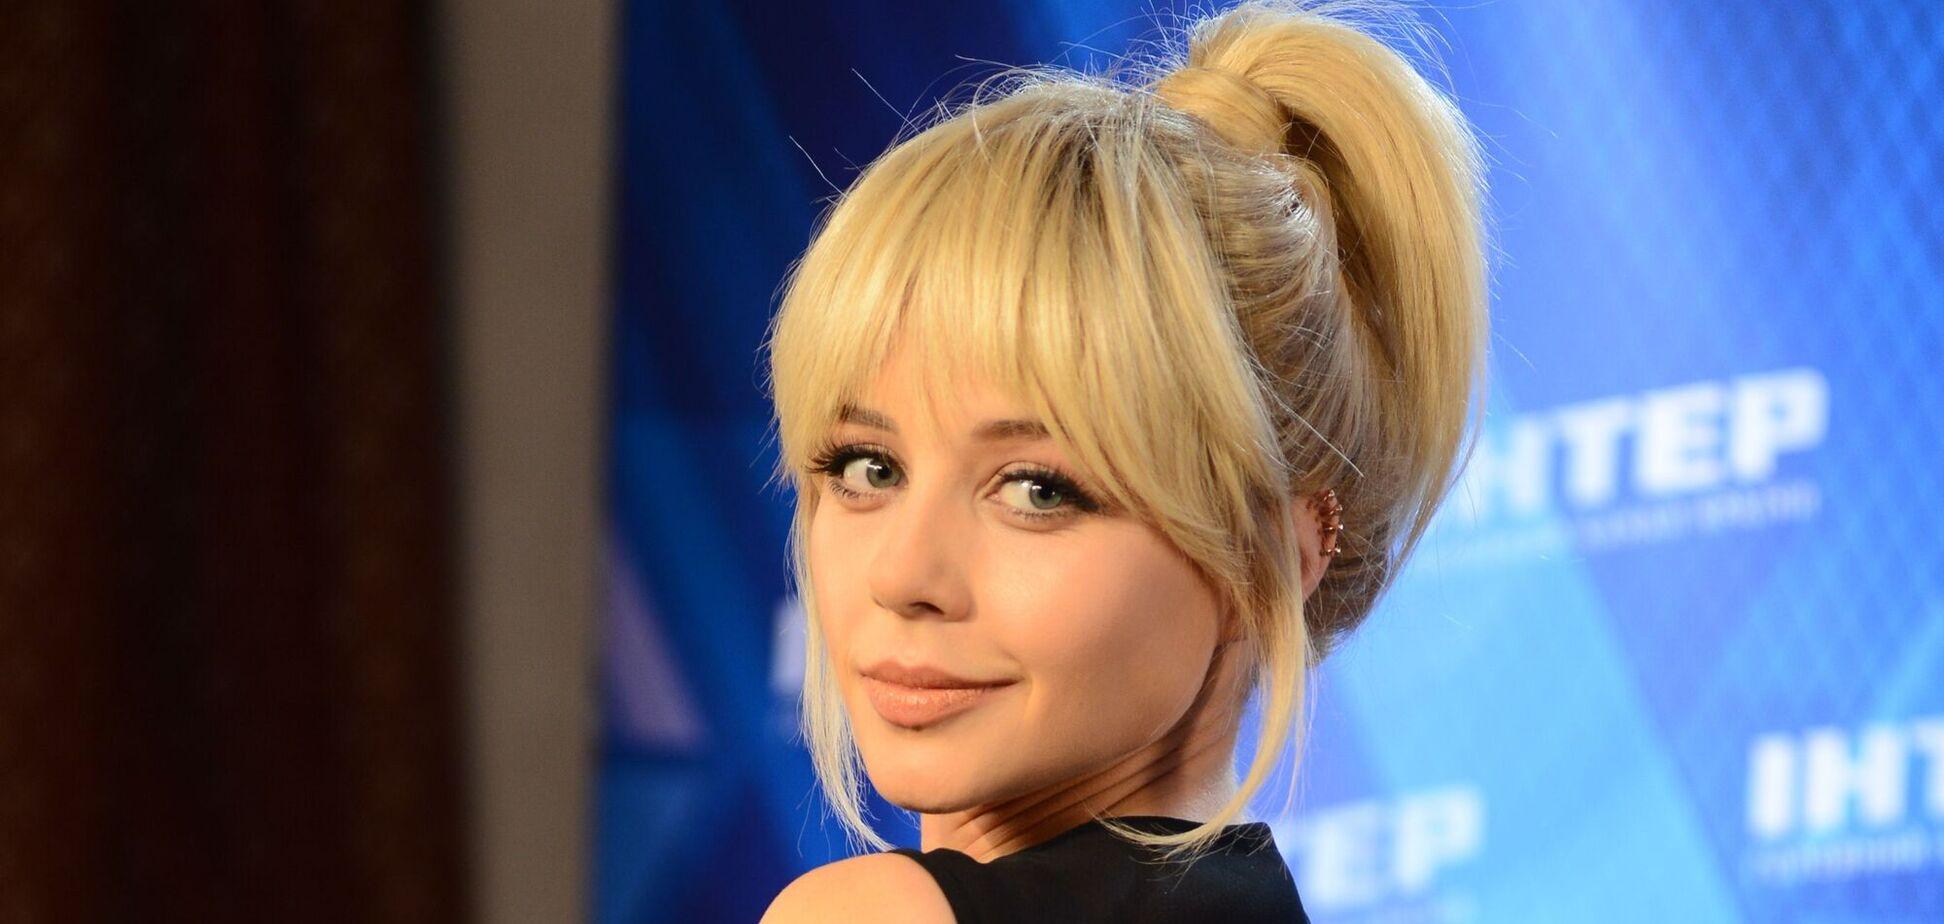 В сети показали фото Тины Кароль без макияжа: поклонники не узнали певицу